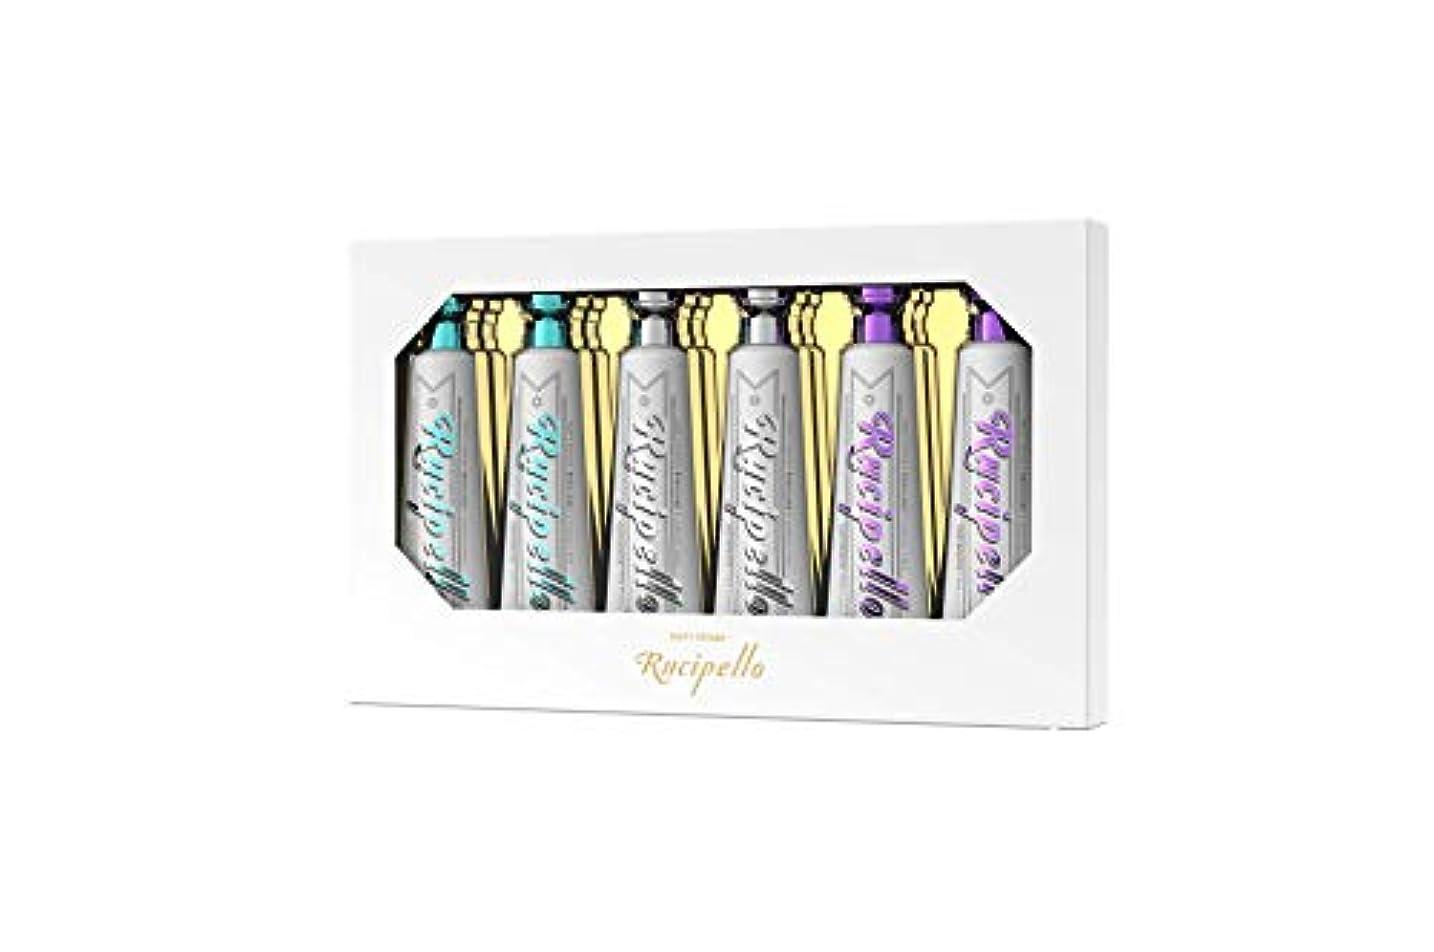 試してみる舌安らぎ[ルチペッロ] Rucipello ミニ歯磨き粉6個のプレゼントセット 25g x 6本 (海外直送品)